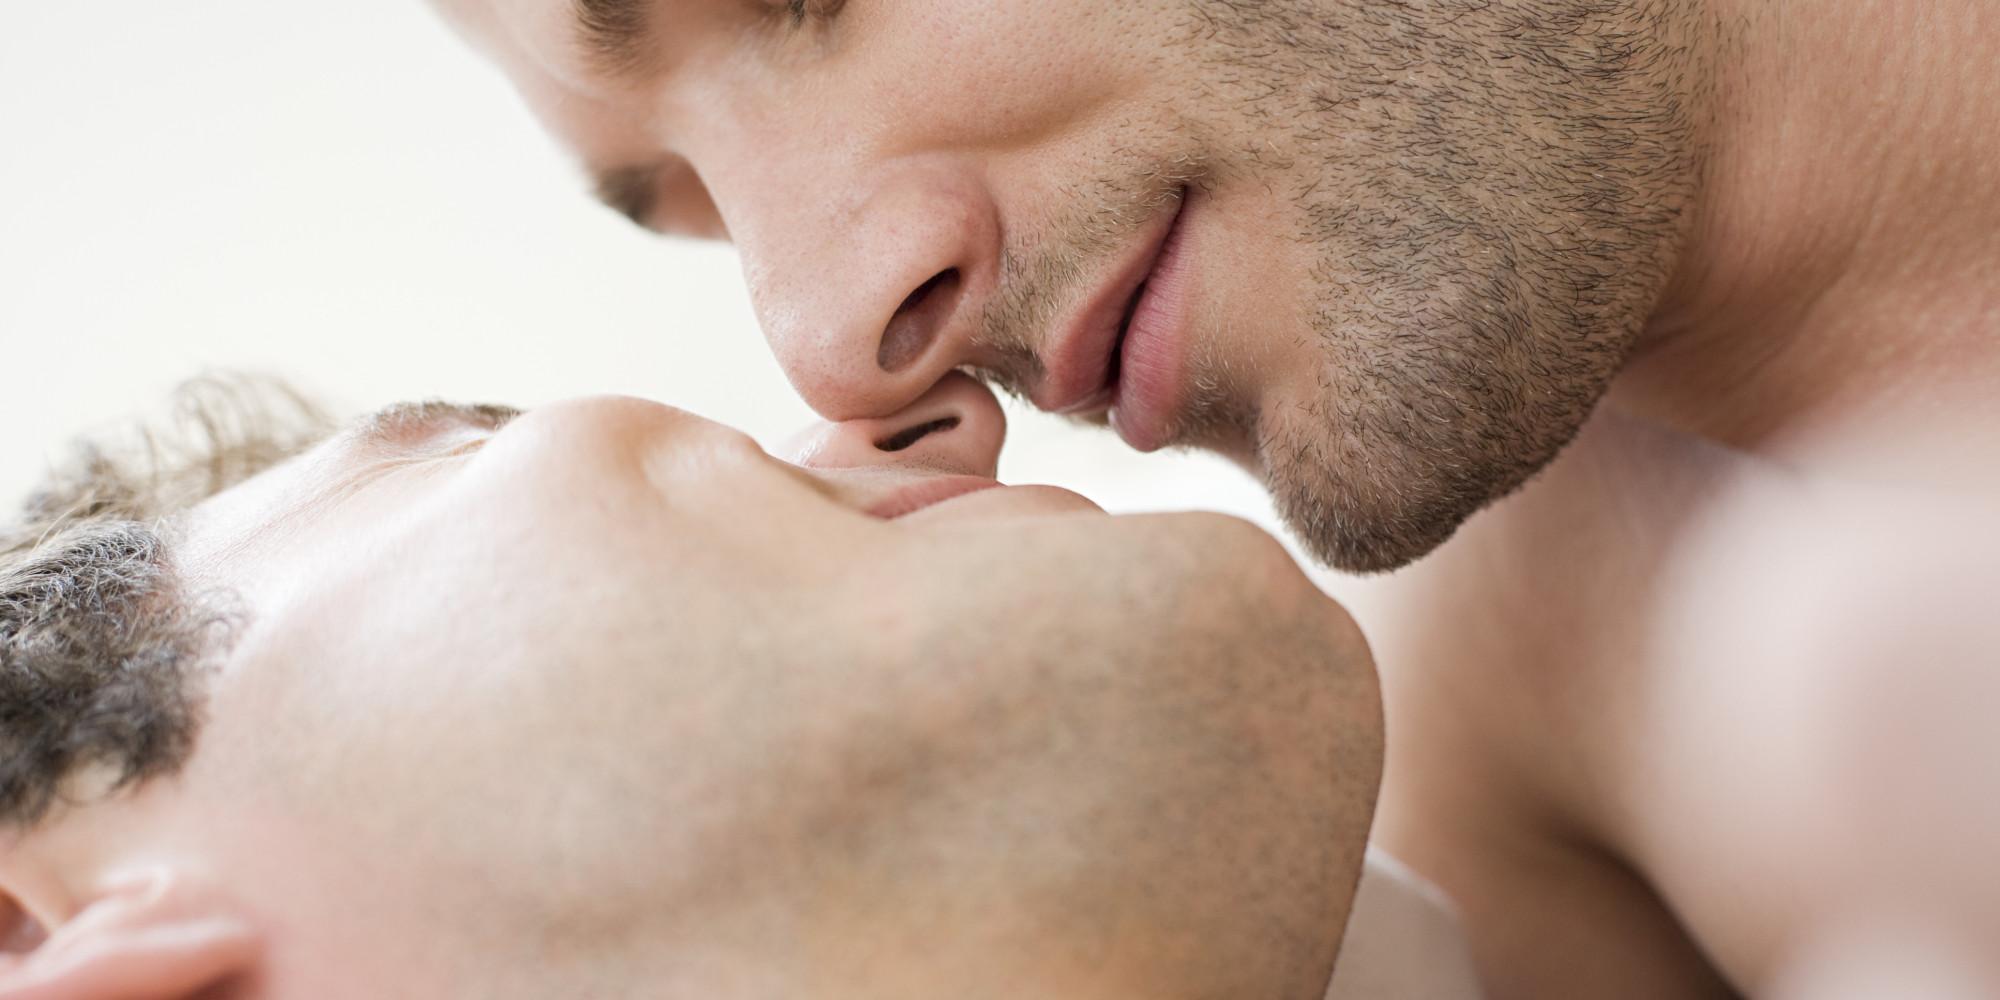 Cinselliğini Yeni Keşfedenlere Birkaç Öneri